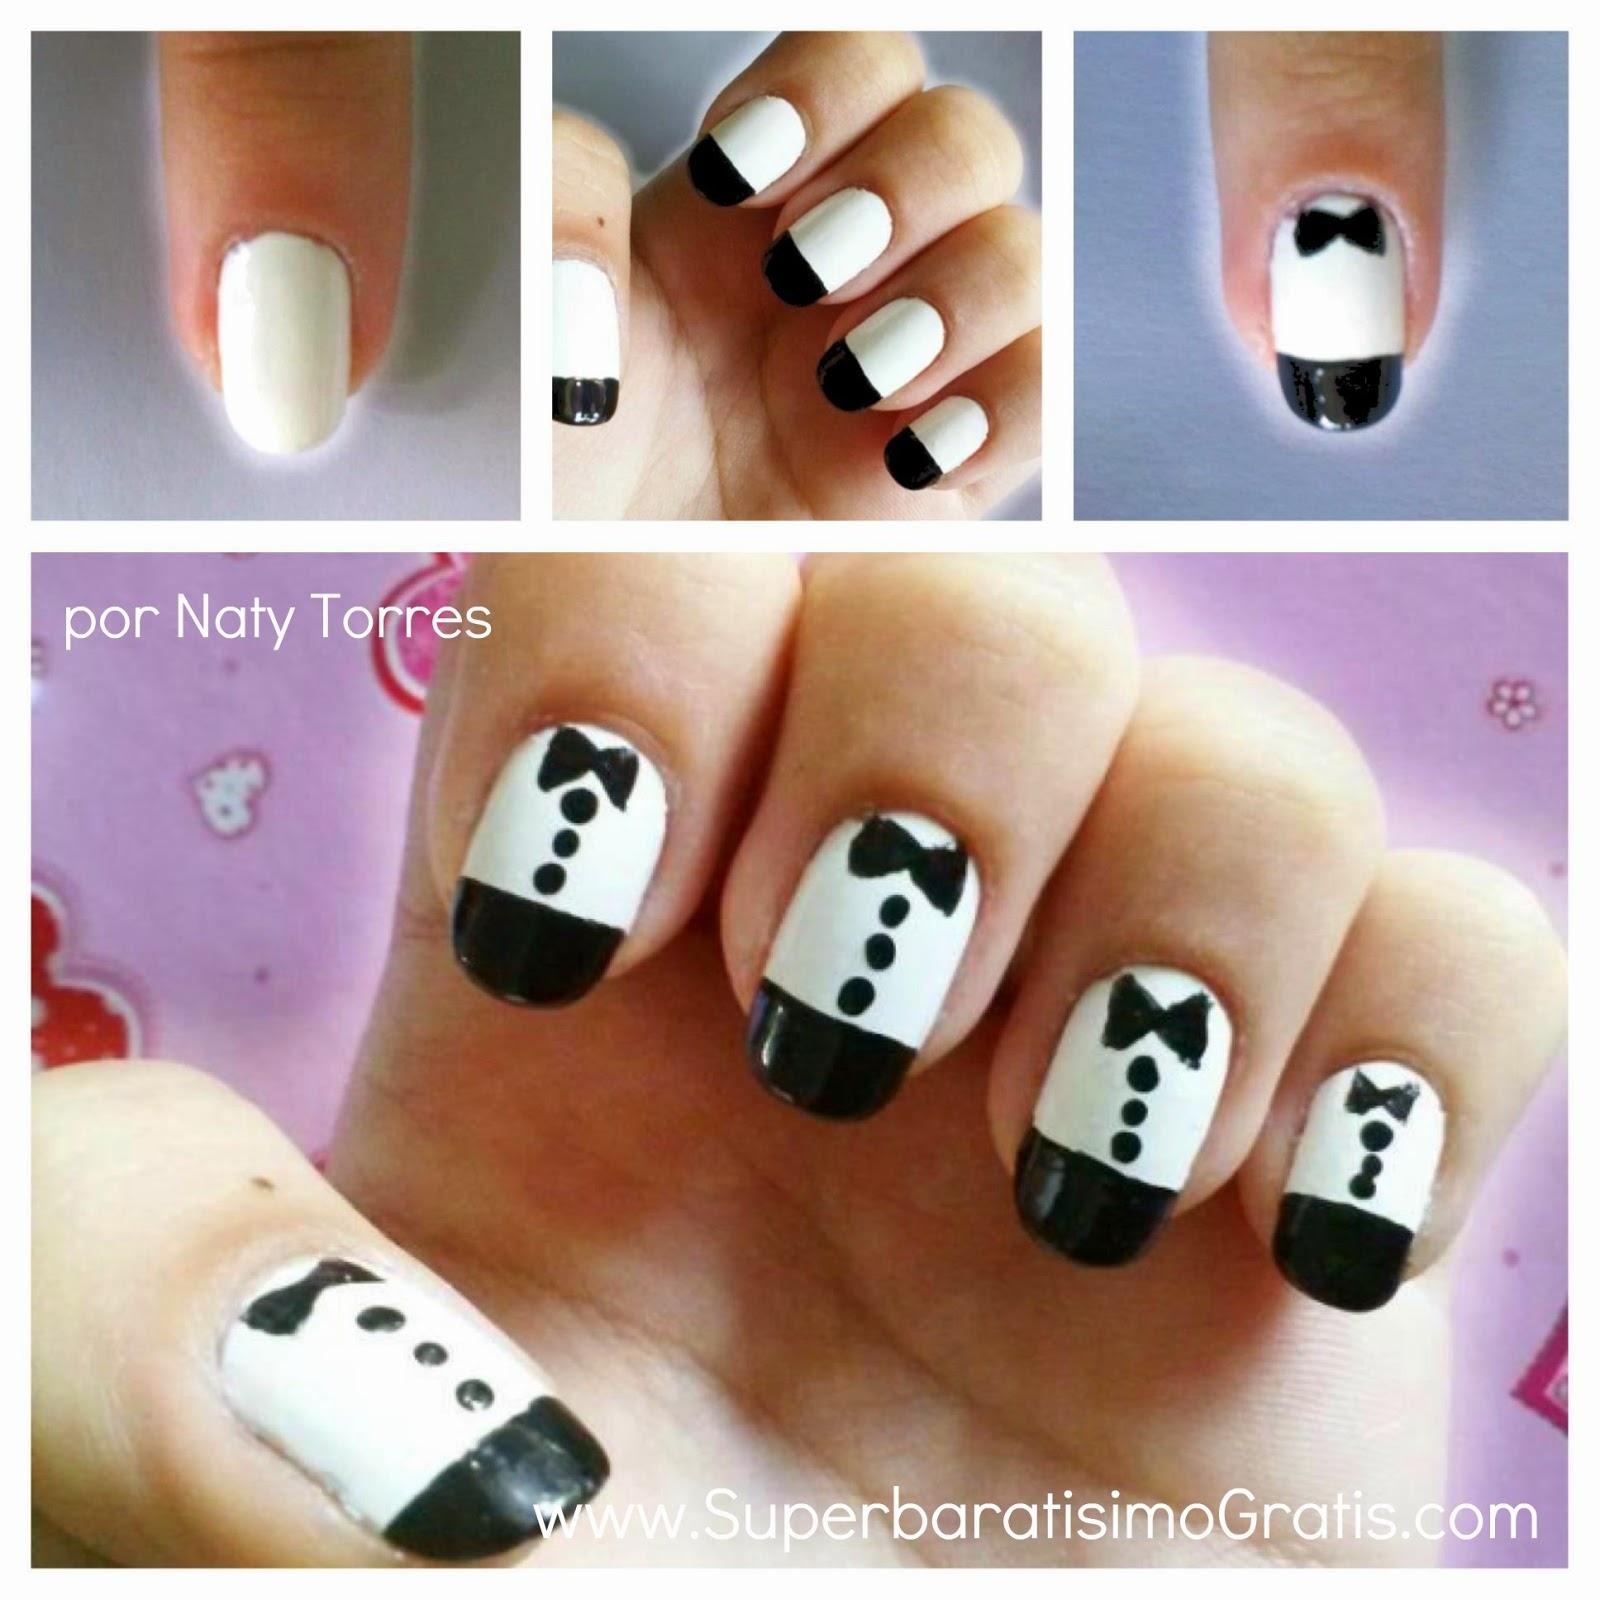 Fotos de uñas decoradas , en gel y acrilico